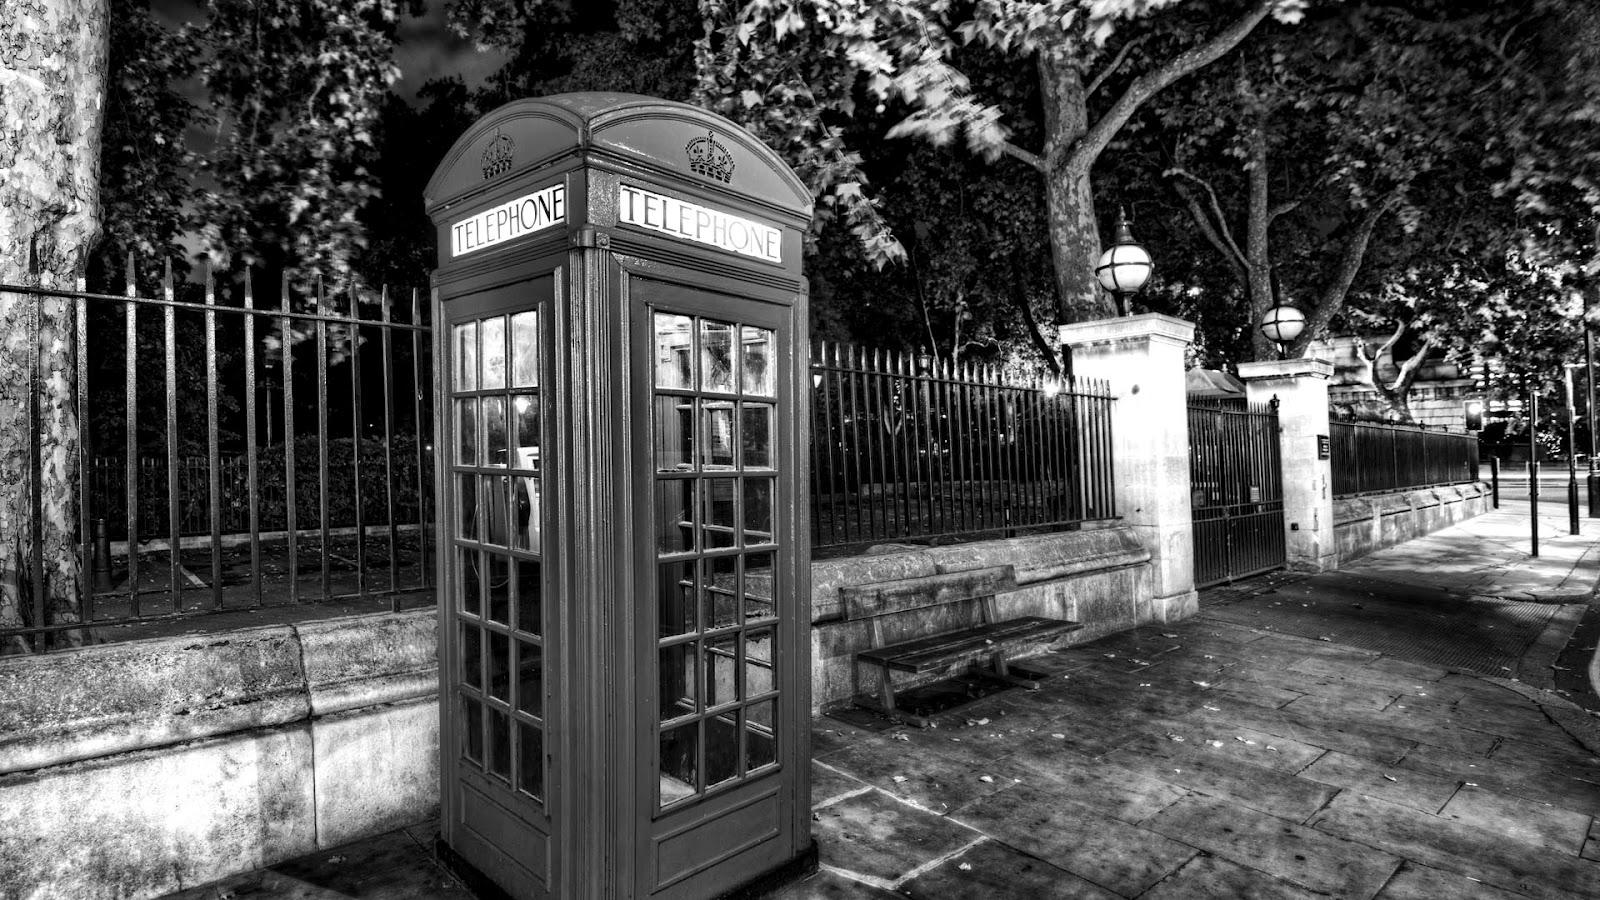 engelse telefooncel bij de ingang van een park bureaublad achtergrond ...